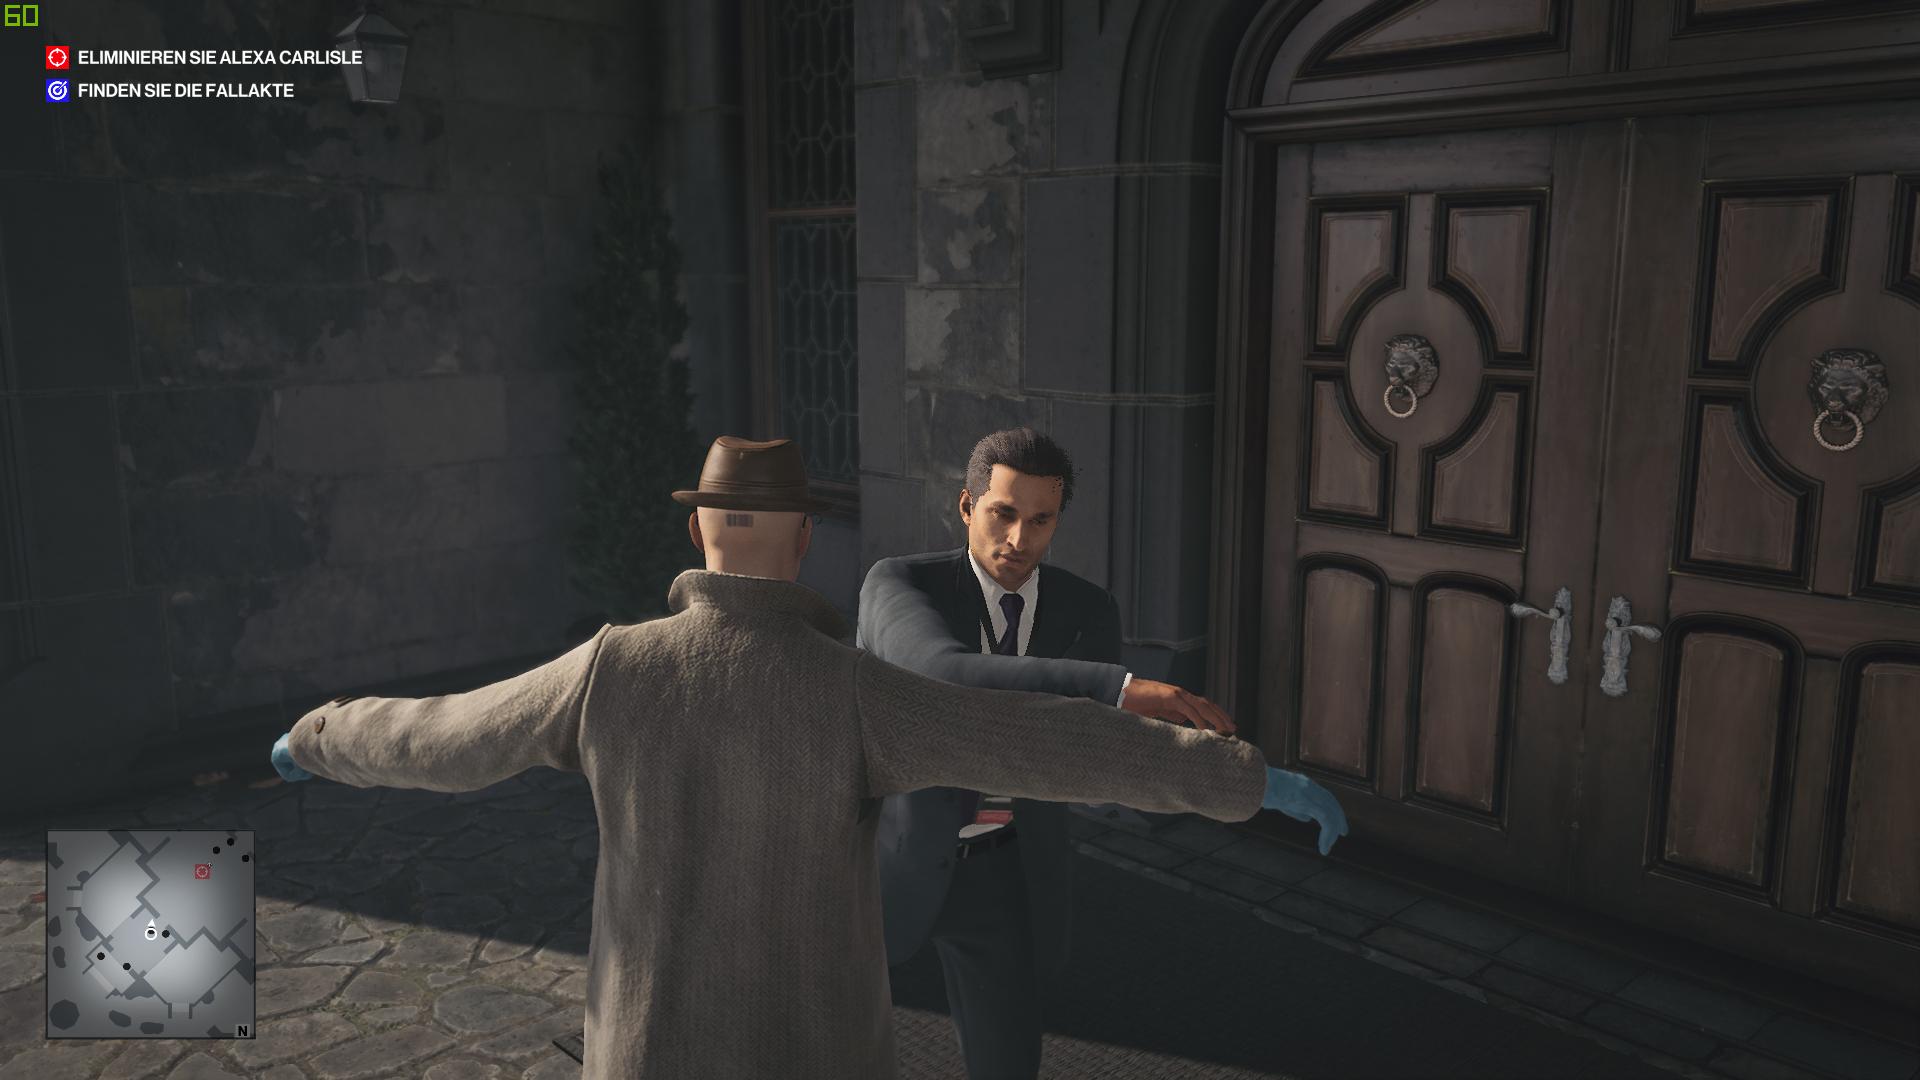 Hitman 3 im Test: Agent 47 verabschiedet sich mörderisch - Wir werden durchsucht - und haben hoffentlich vorher unsere Waffe versteckt. (Bild: IO Interactive/Screenshot: Golem.de)